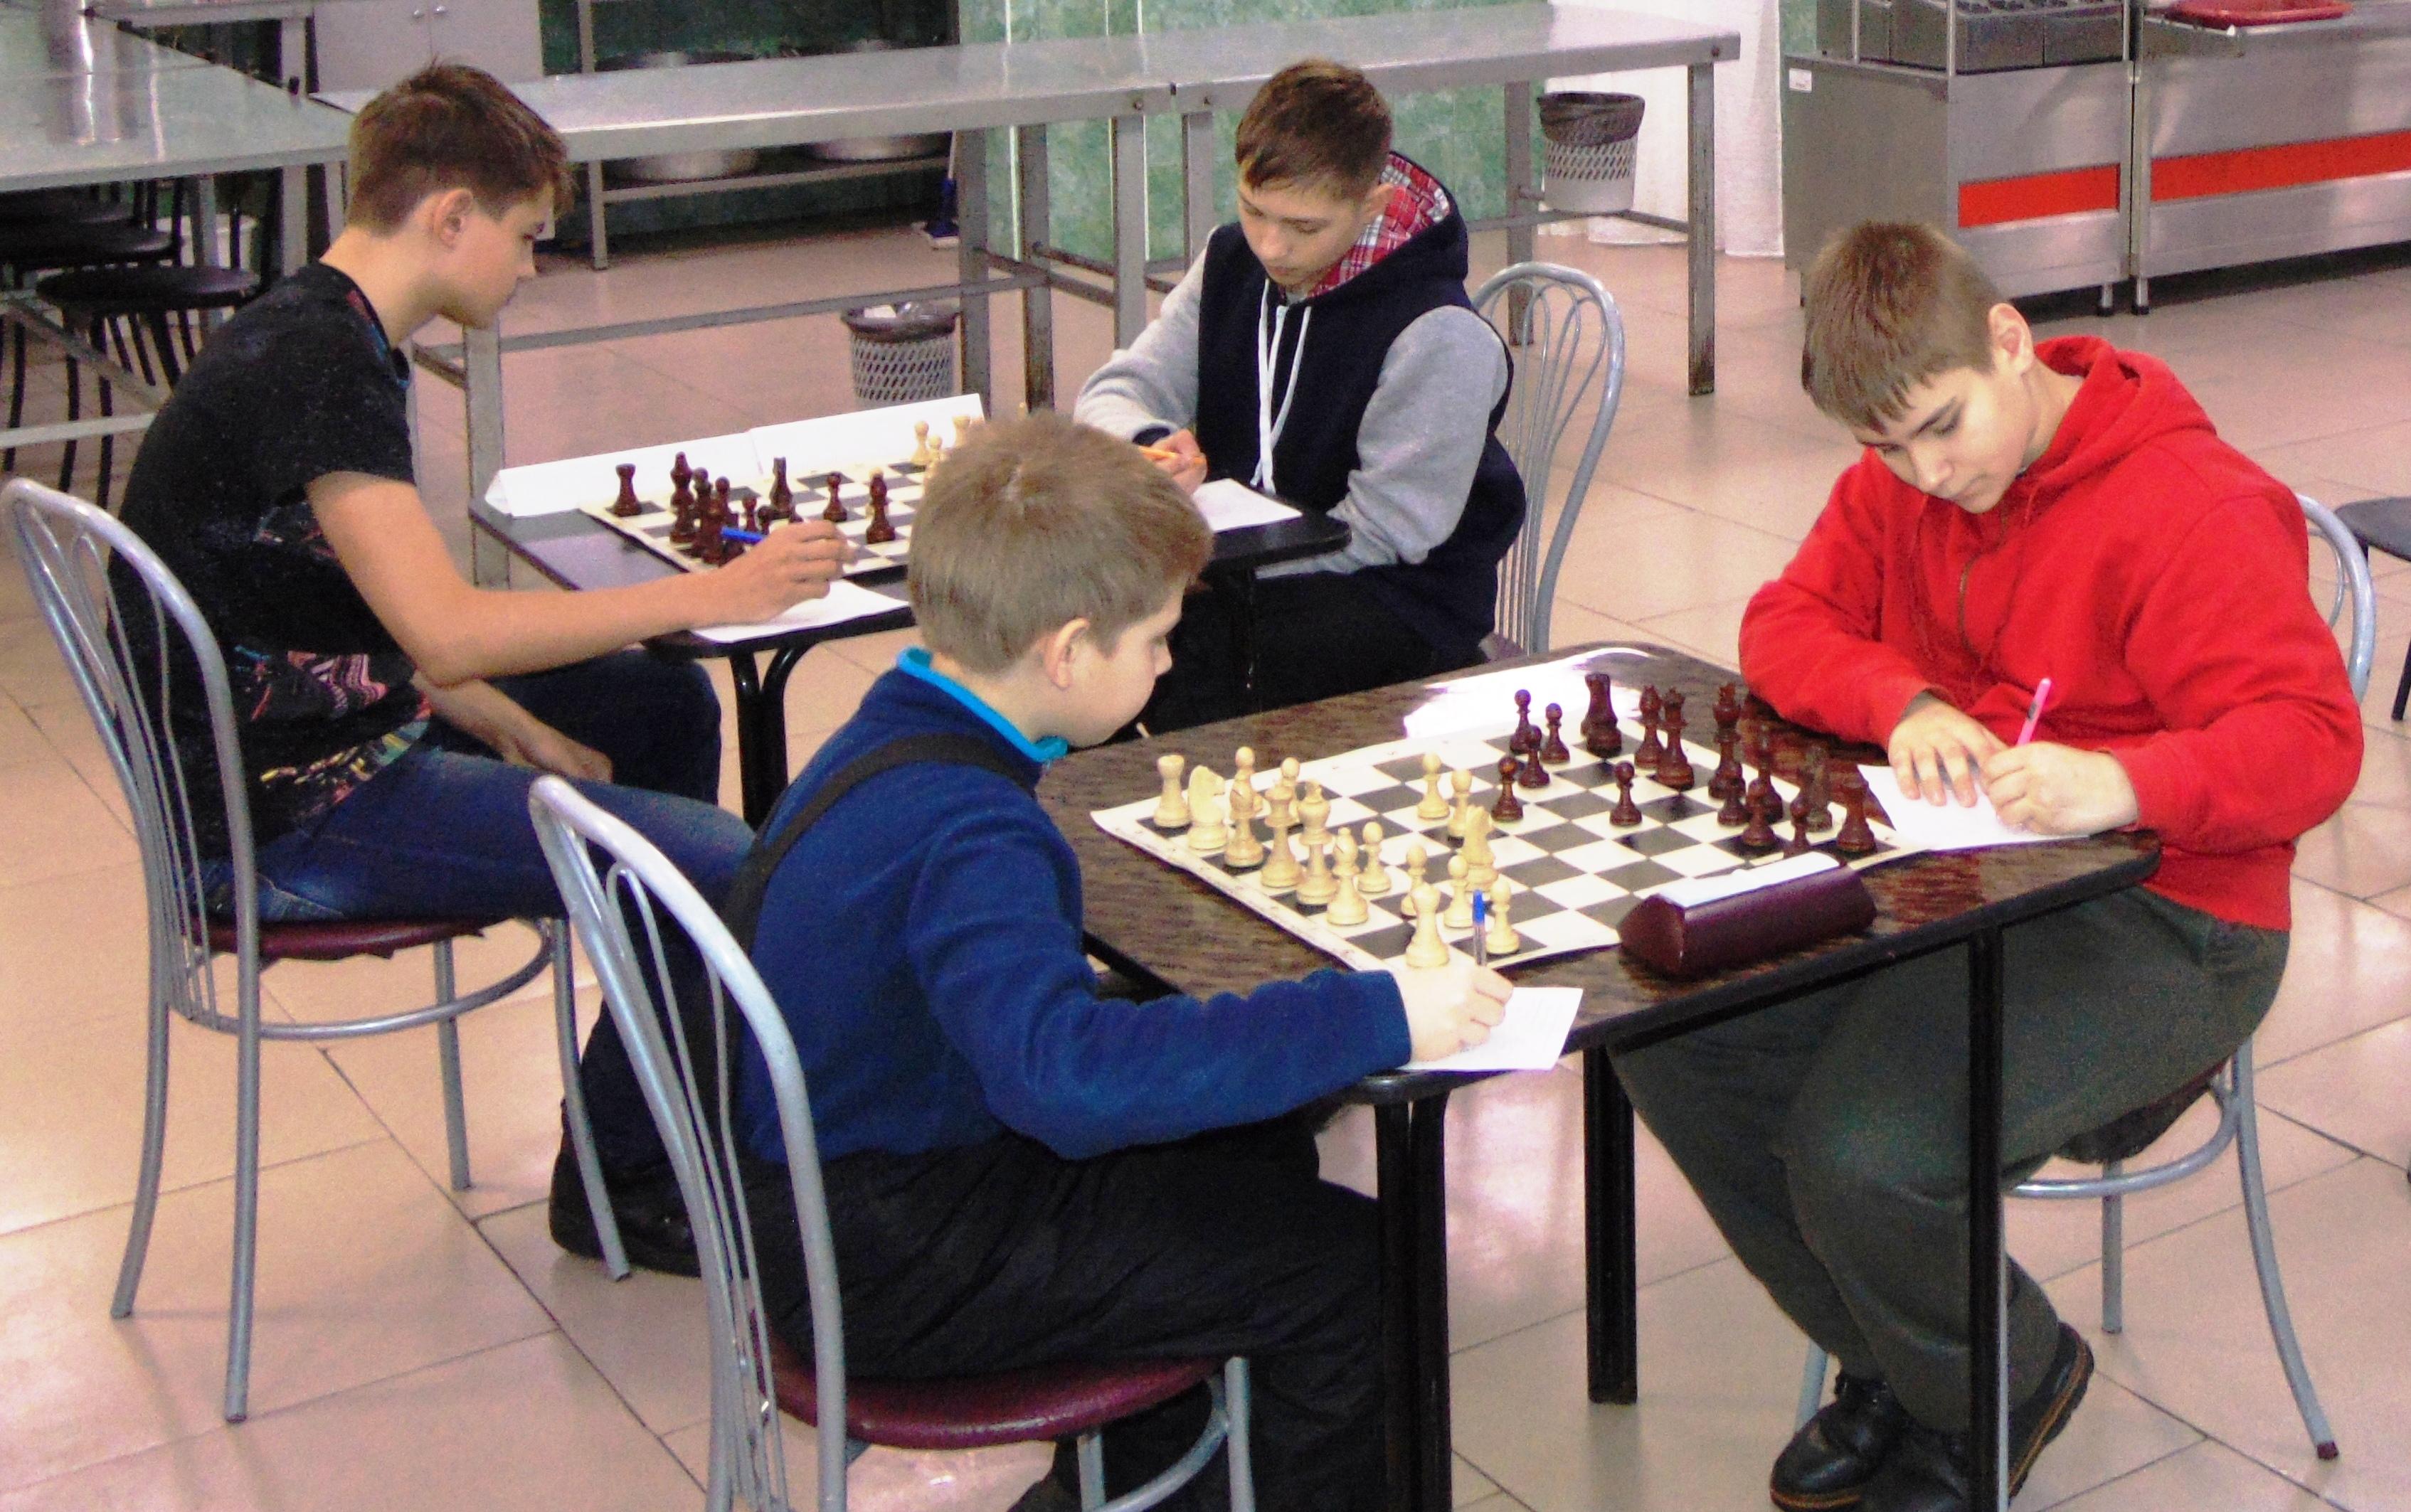 АНОНС! Областной турнир по шахматам «Приз Центра Ладога» (1 этап, (Мальчики, девочки до 13 лет)